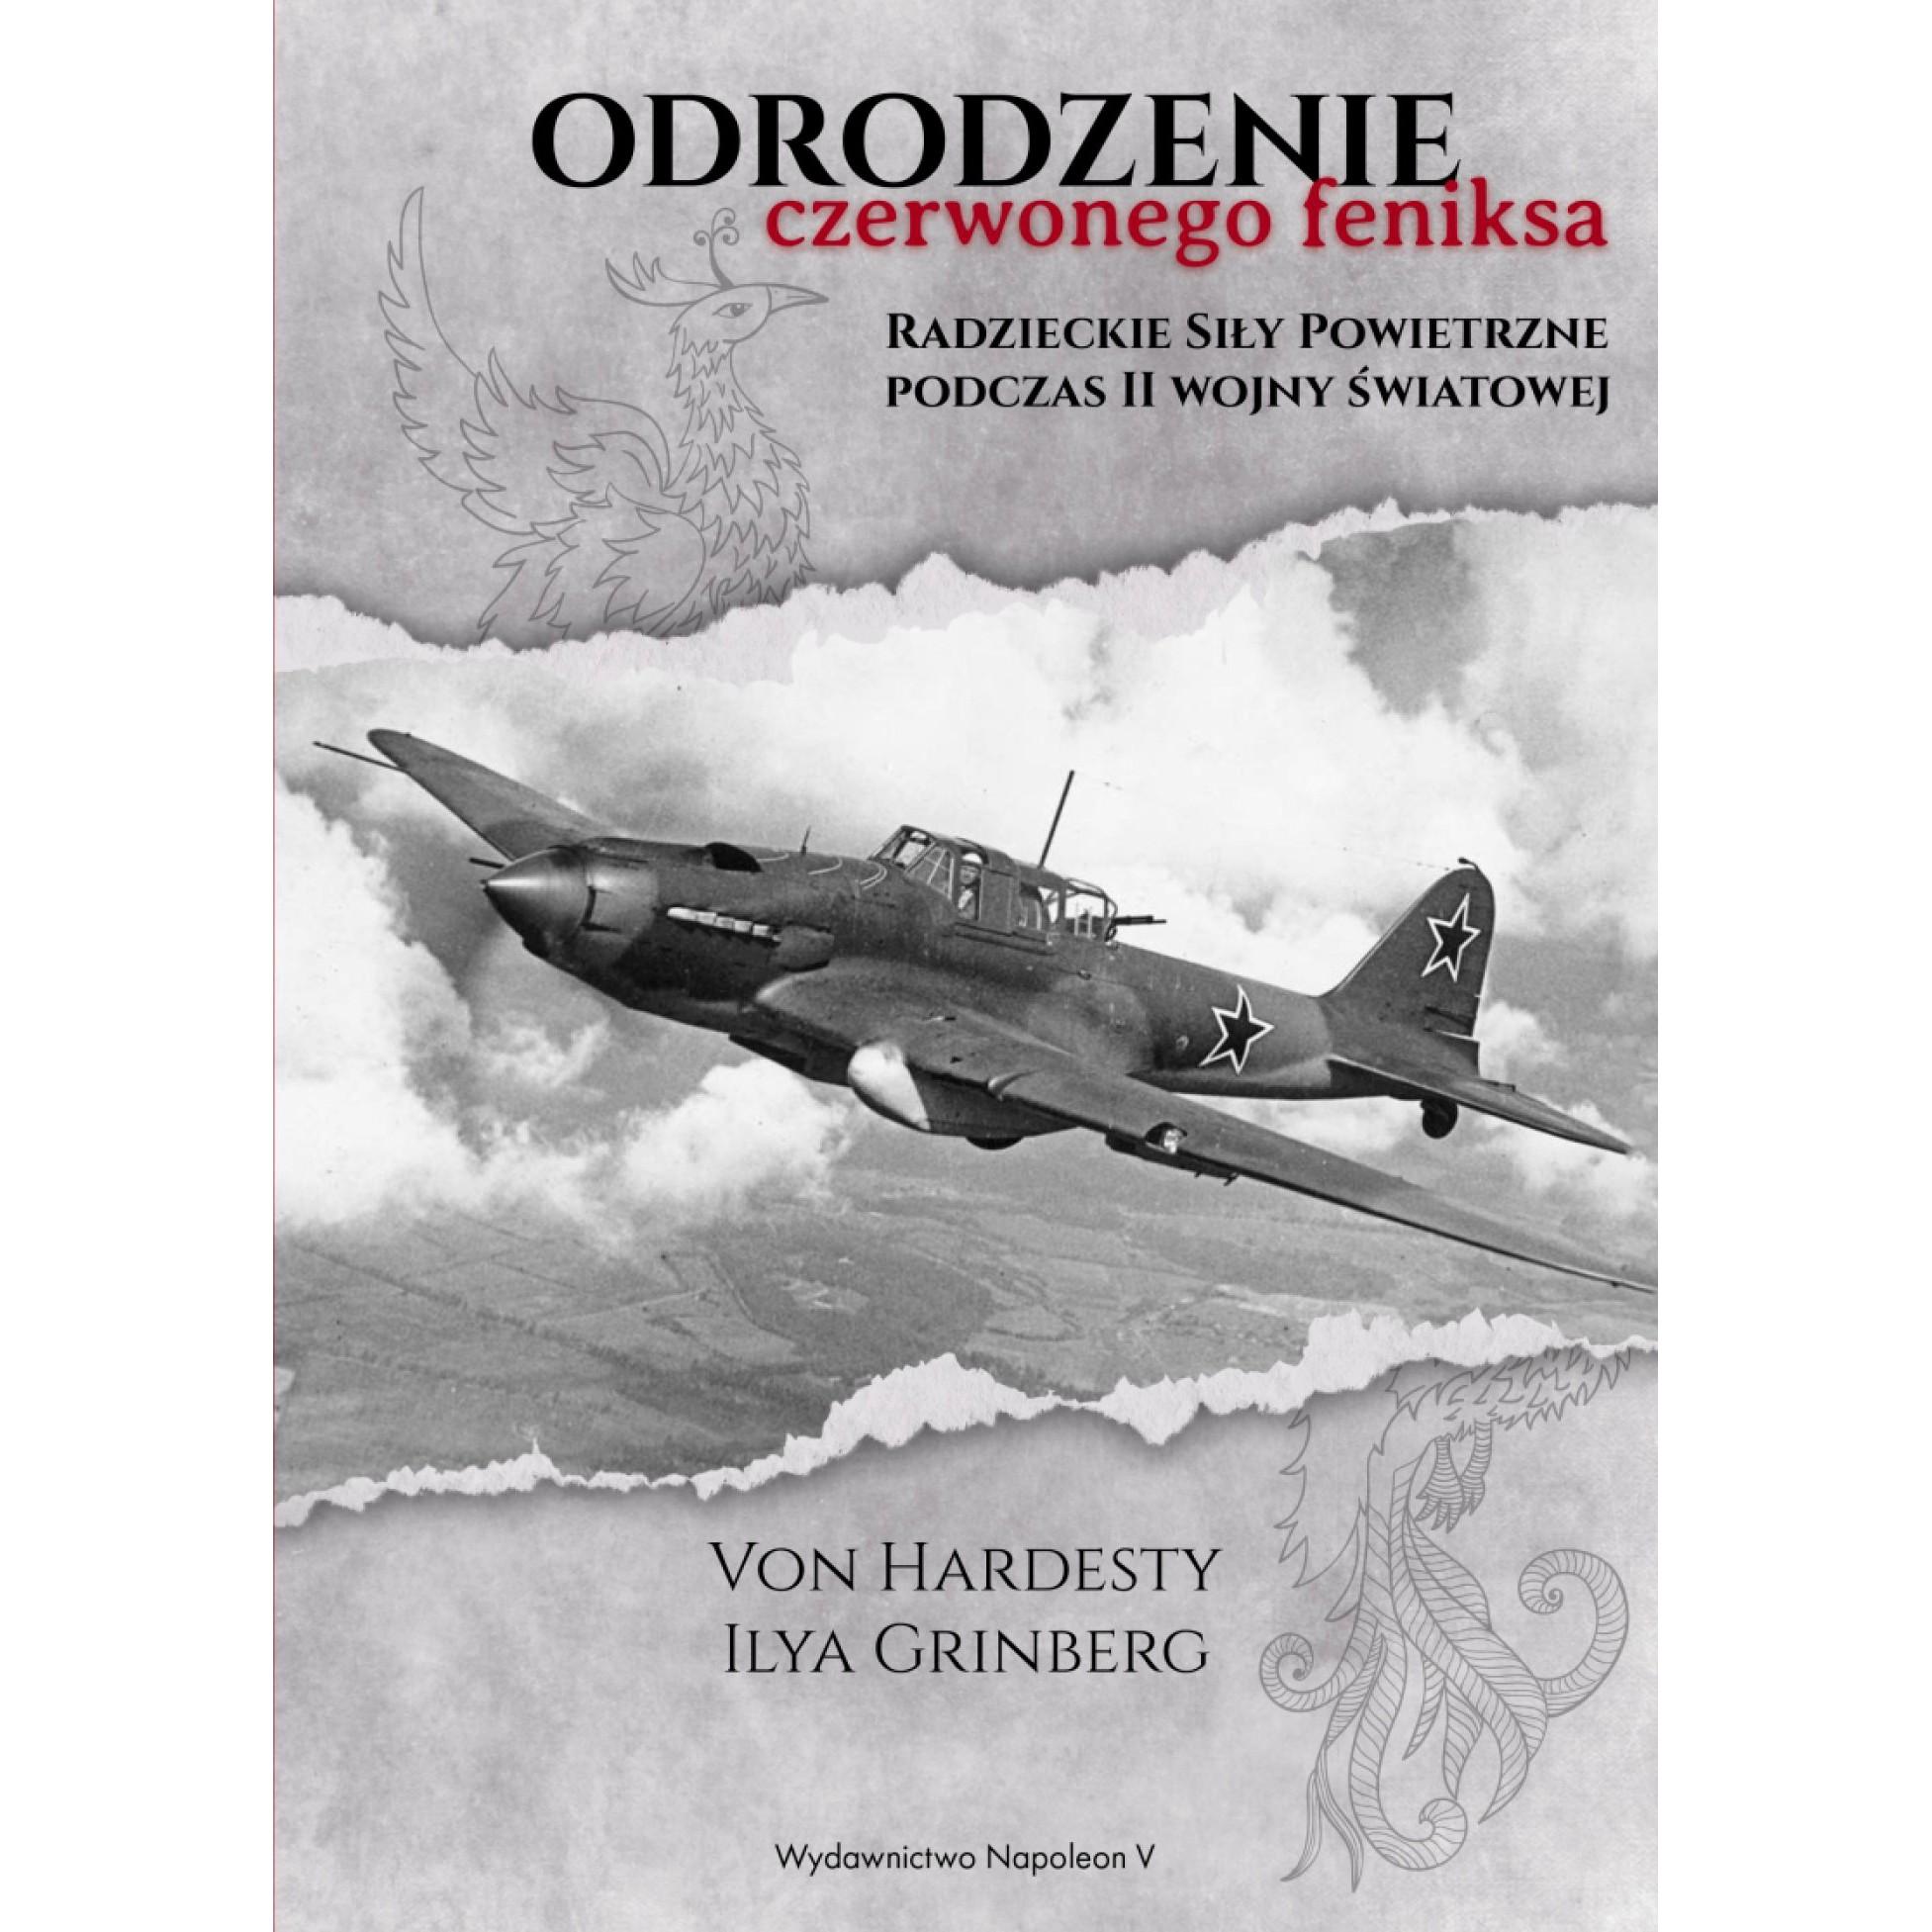 Odrodzenie Czerwonego Feniksa. Radzieckie Siły Powietrzne podczas II wojny światowej